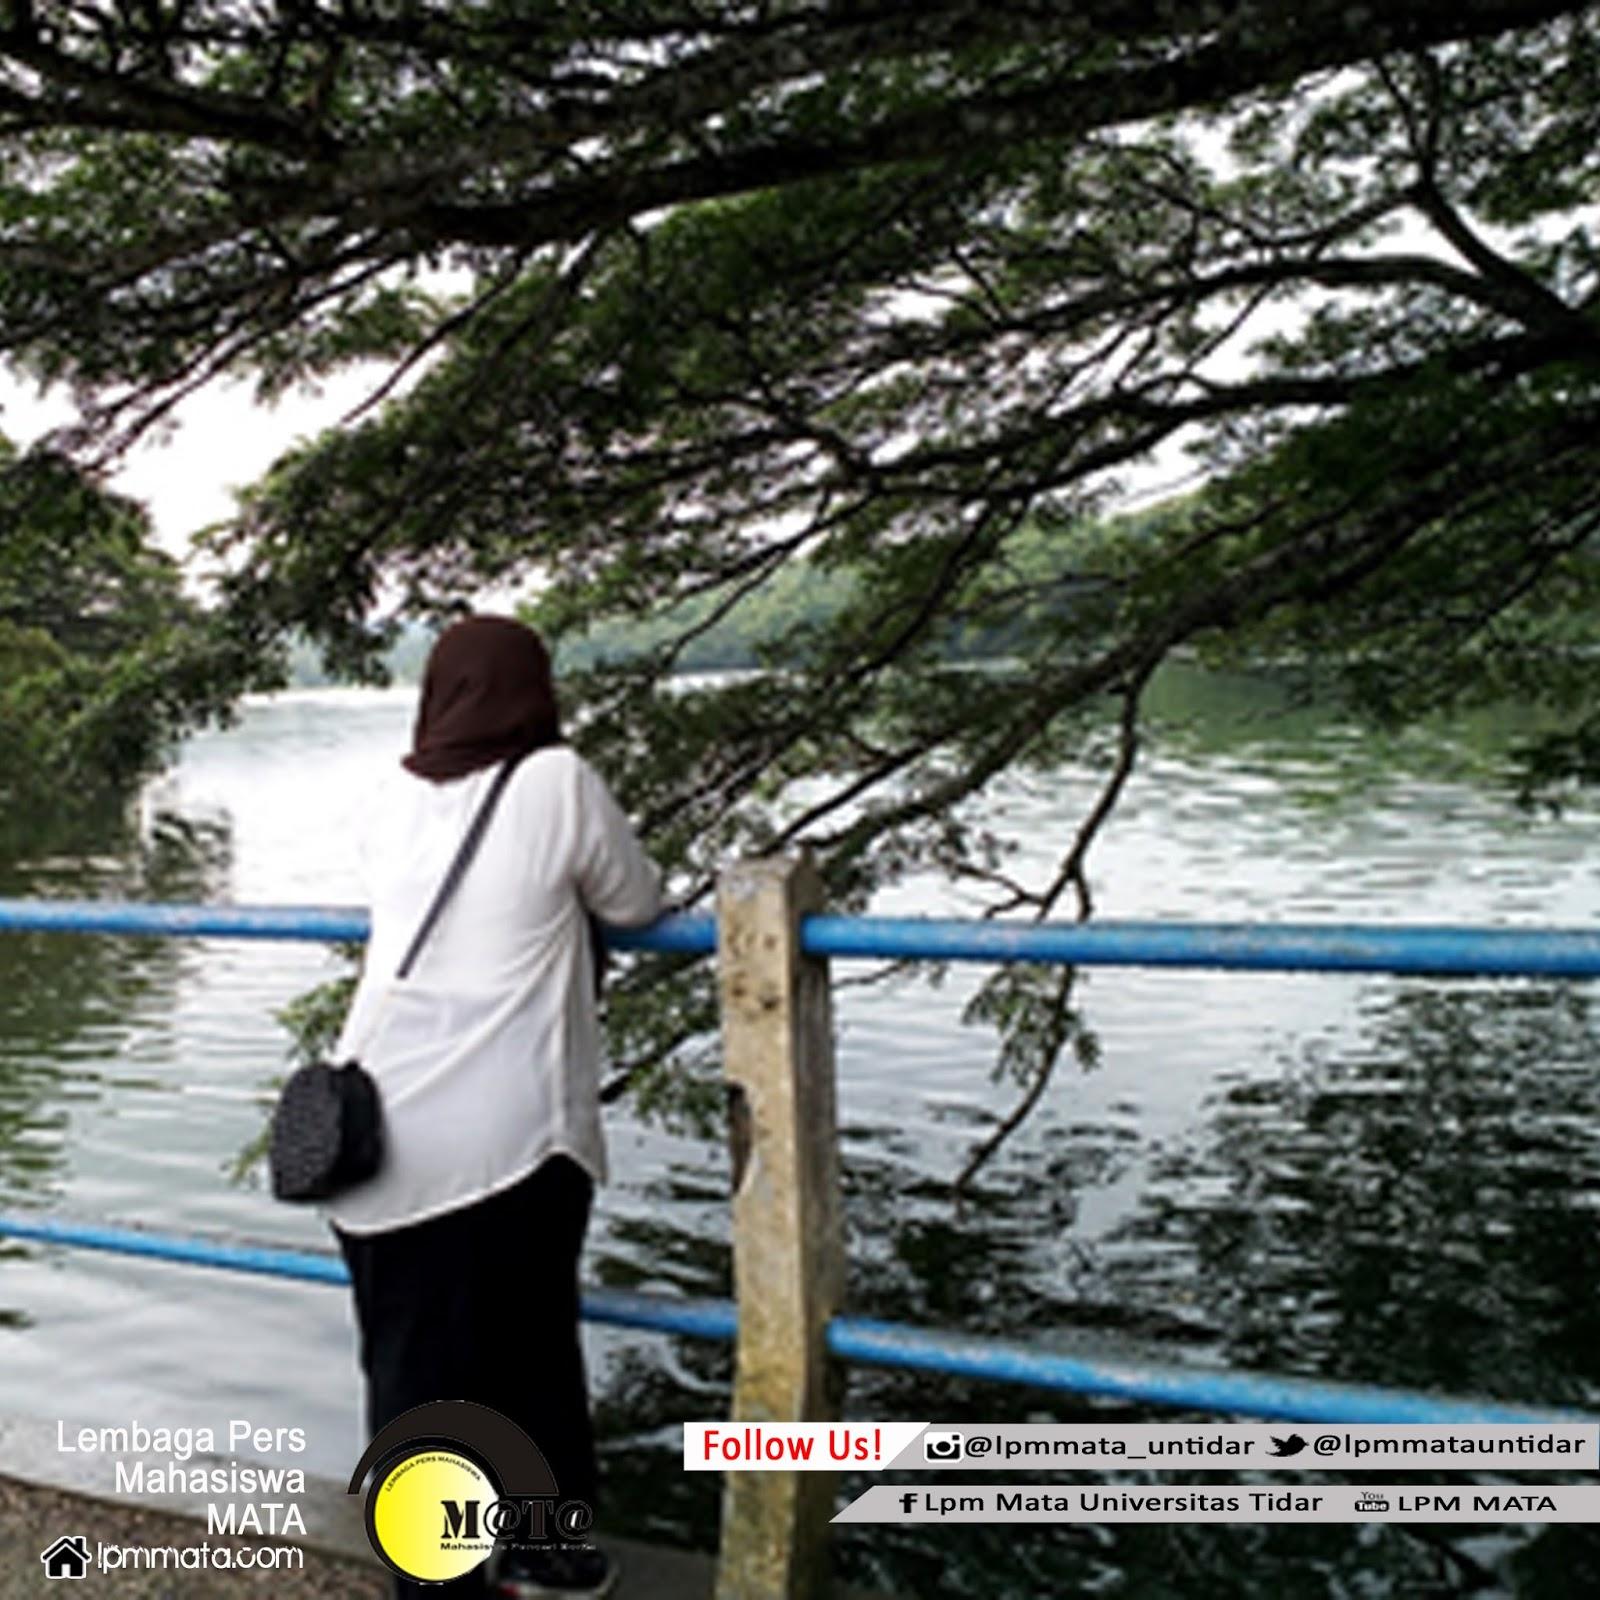 Lpm Mata Untidar Cantik Waduk Tempuran Sebuah Terletak Kecamatan Blora